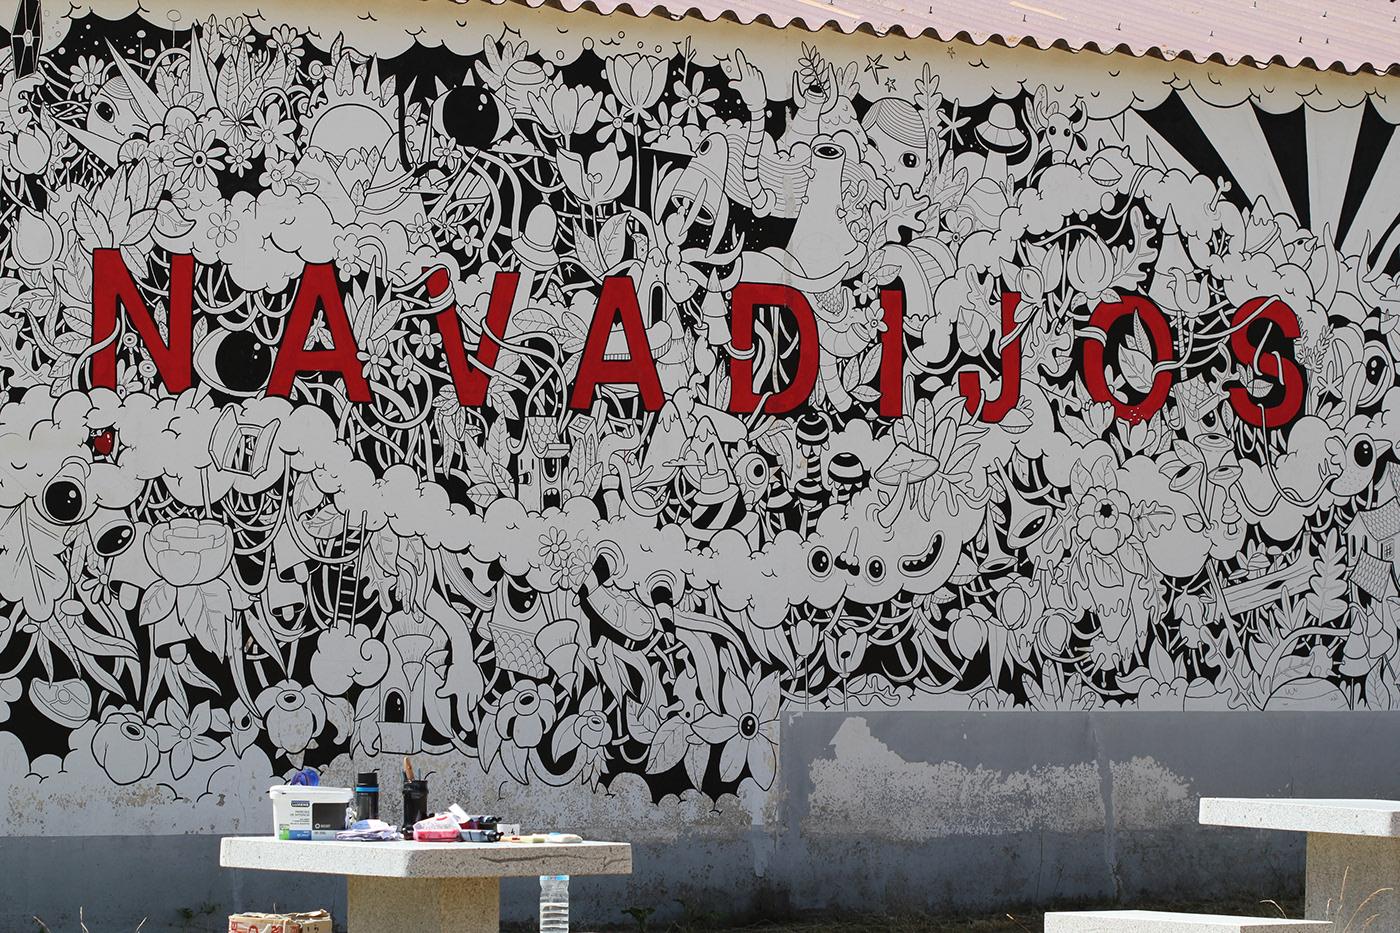 Image may contain: drawing, graffiti and art